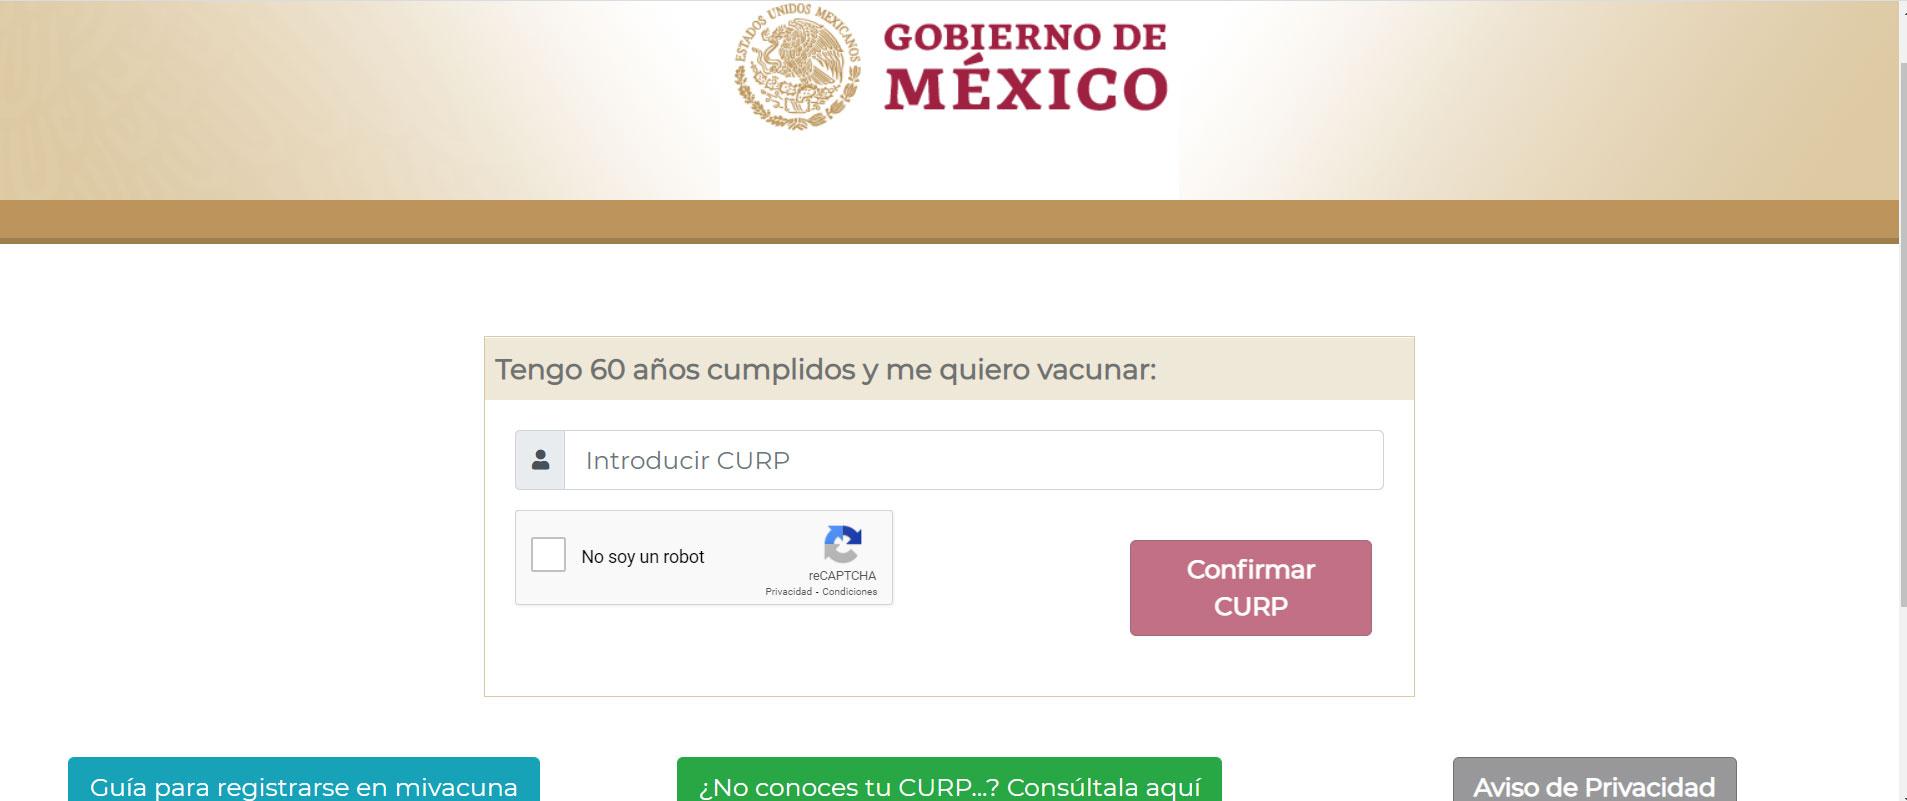 El portal Mi Vacuna es para que las personas mayores de 60 años se registren y puedan recibir la vacuna contra el COVID-19